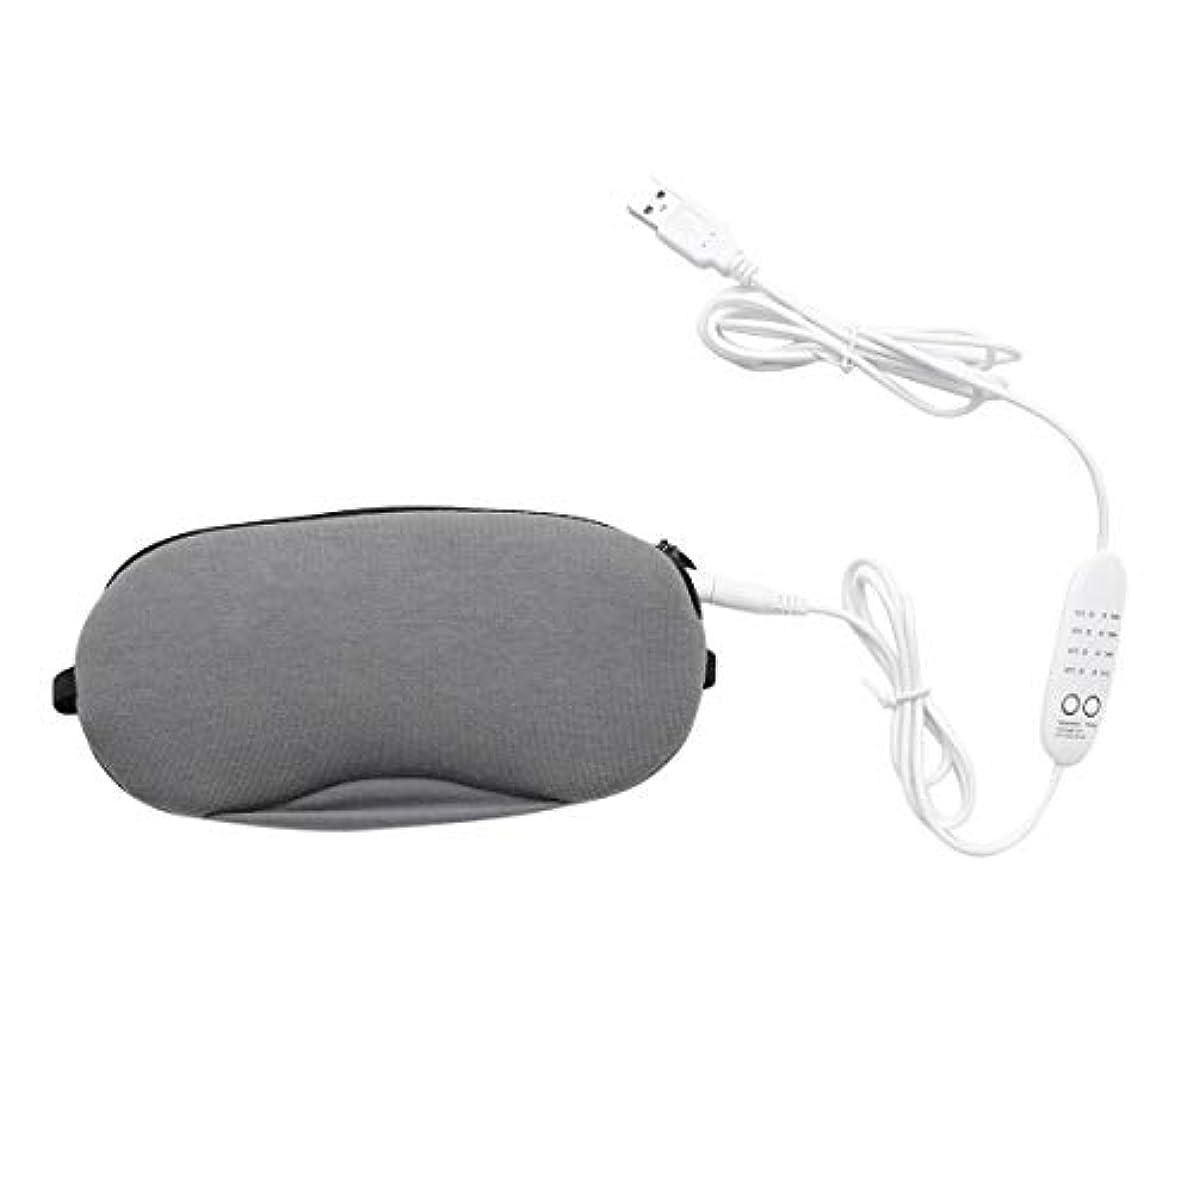 保険をかける薬剤師作物不眠症を和らげるためのHealifty USBスチームアイマスク目隠しホットコンプレッションアイシールドドライアイ疲労(グレー)